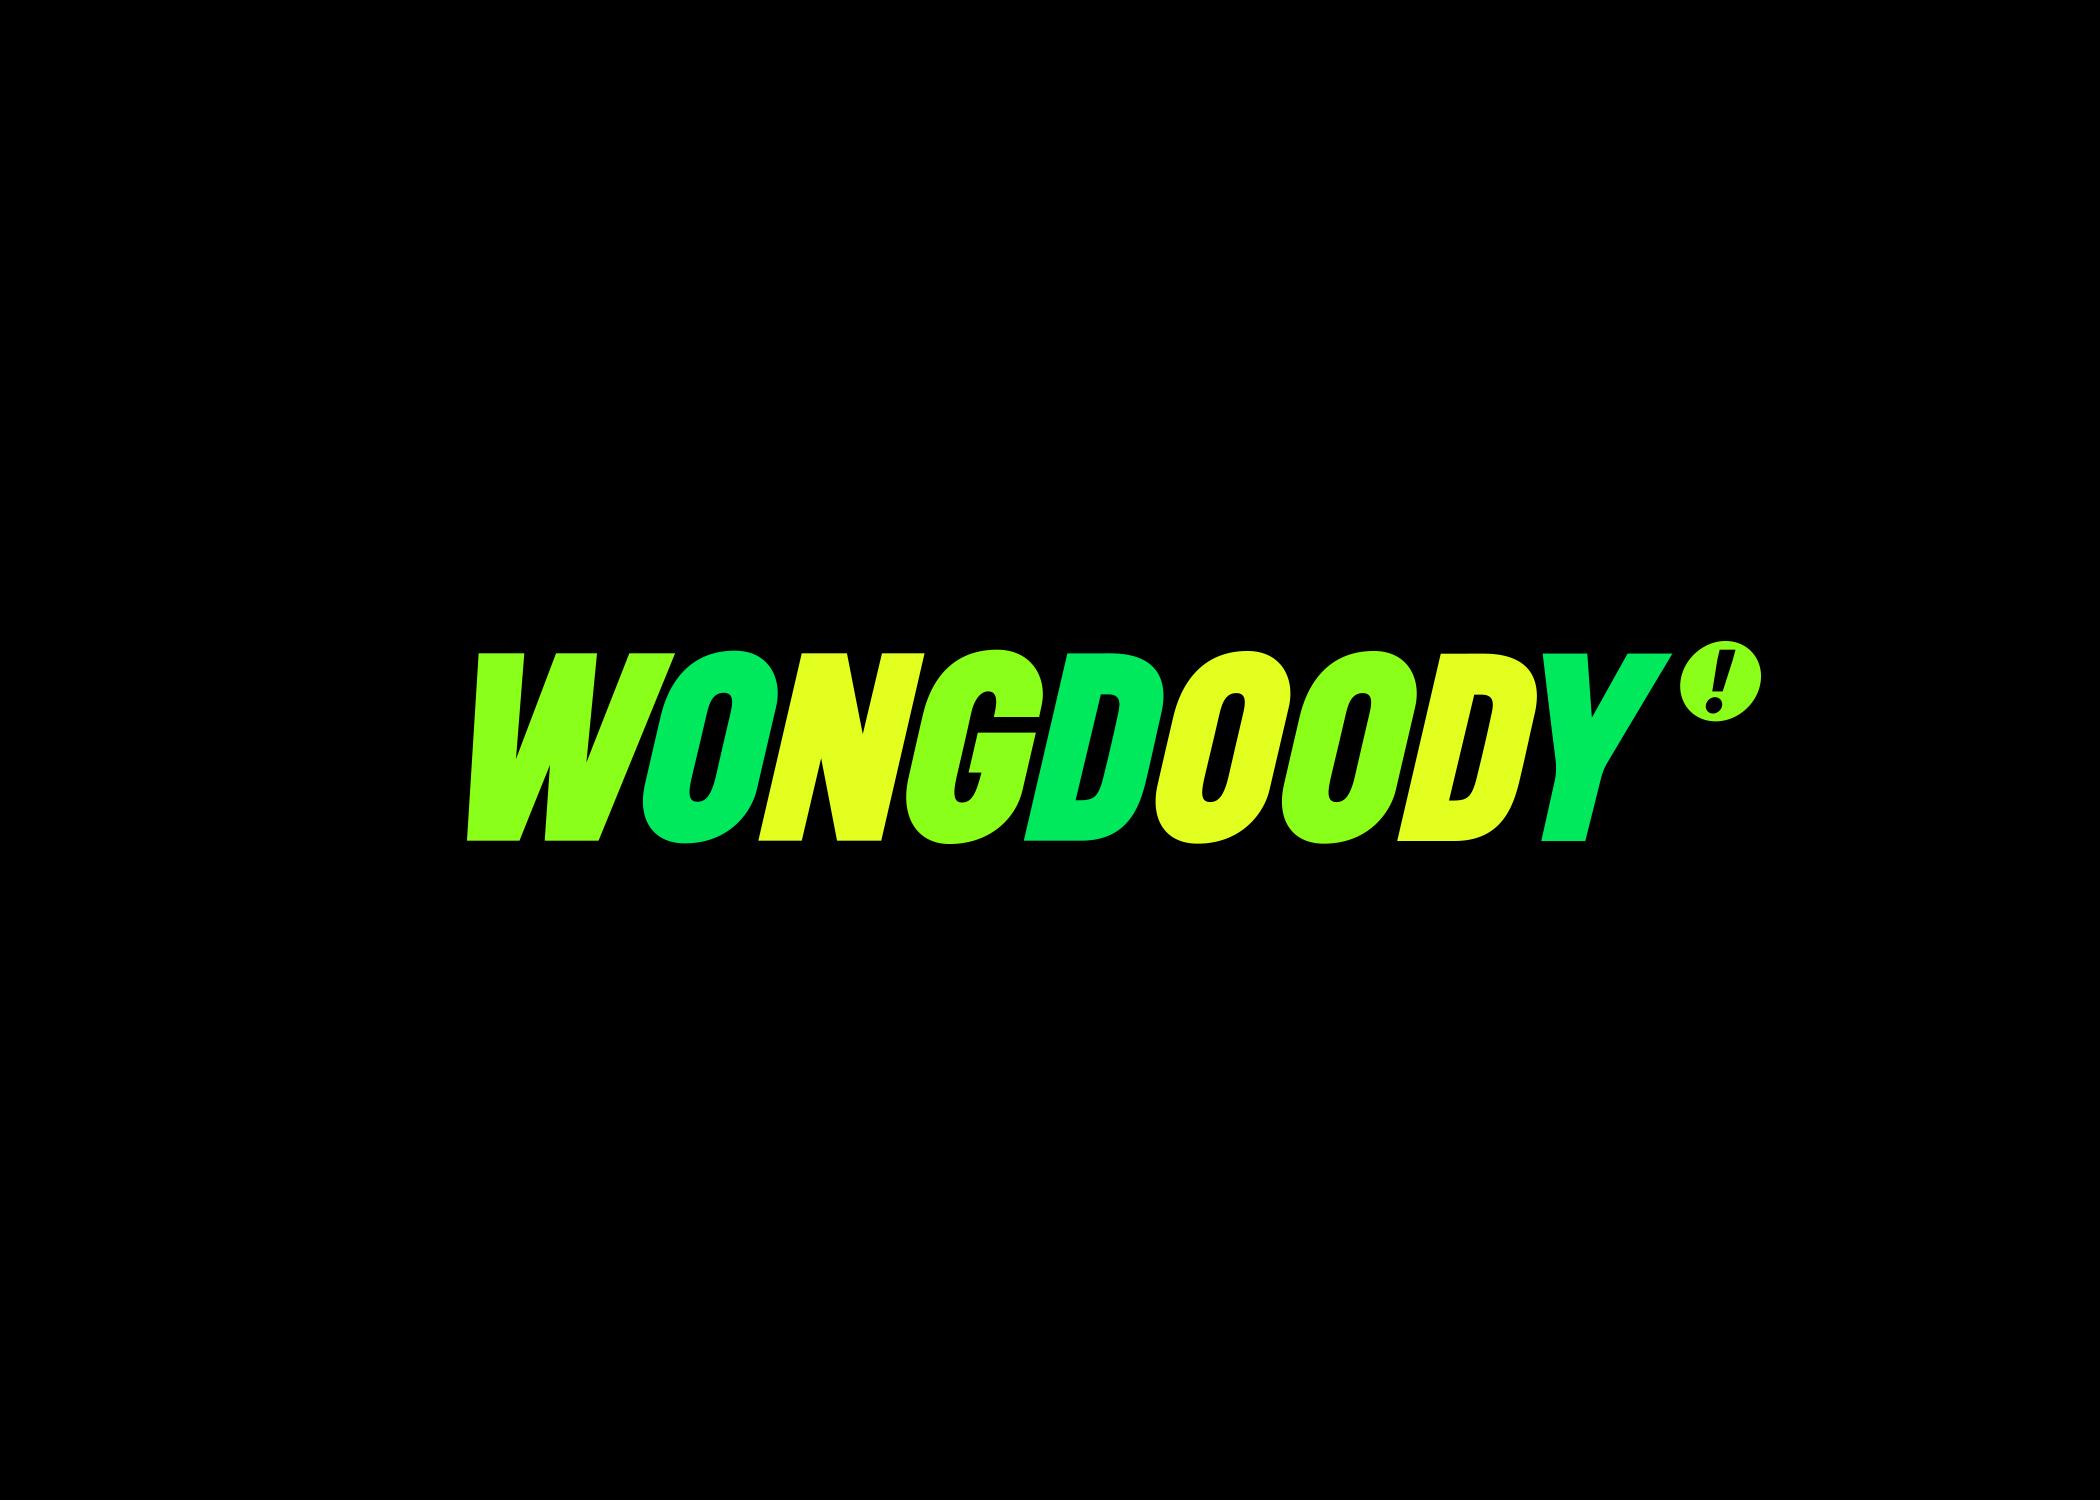 wongdoody_logo.jpg